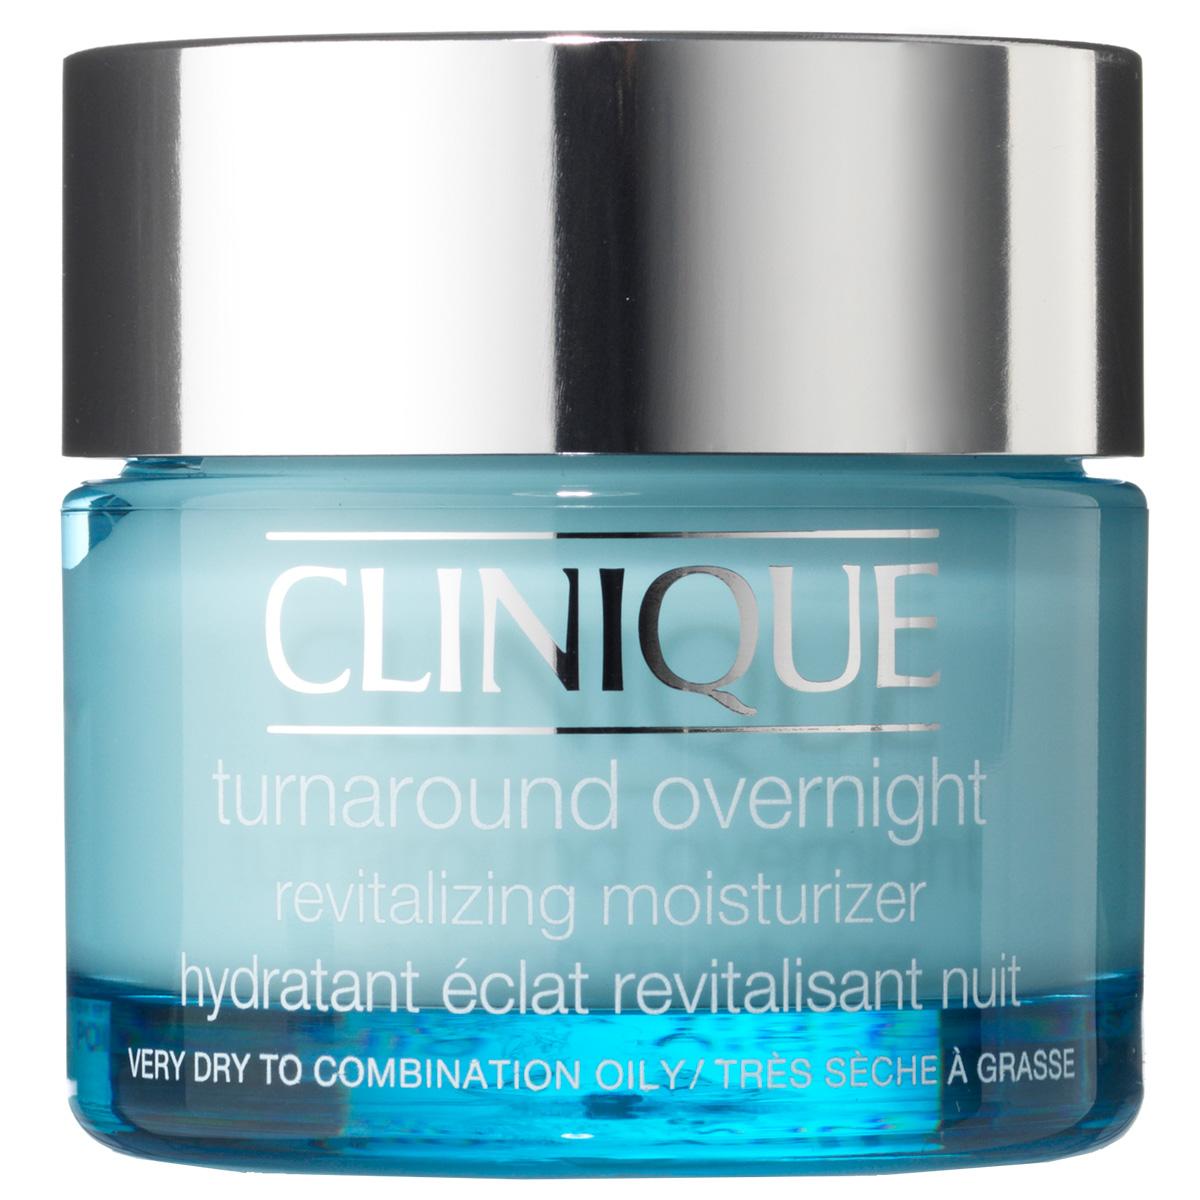 Billede af Clinique Turnaround Overnight Radiance Moisturizer - 50 ml